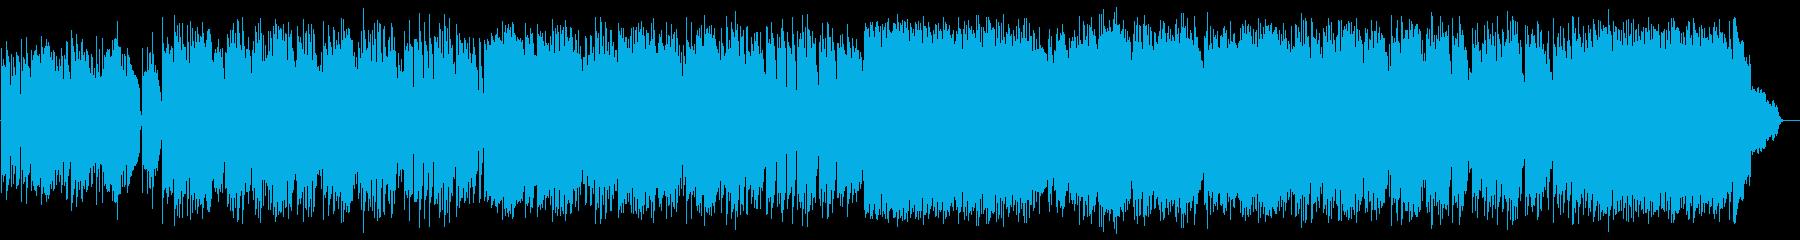 ギターと二胡によるイージーリスニング曲の再生済みの波形